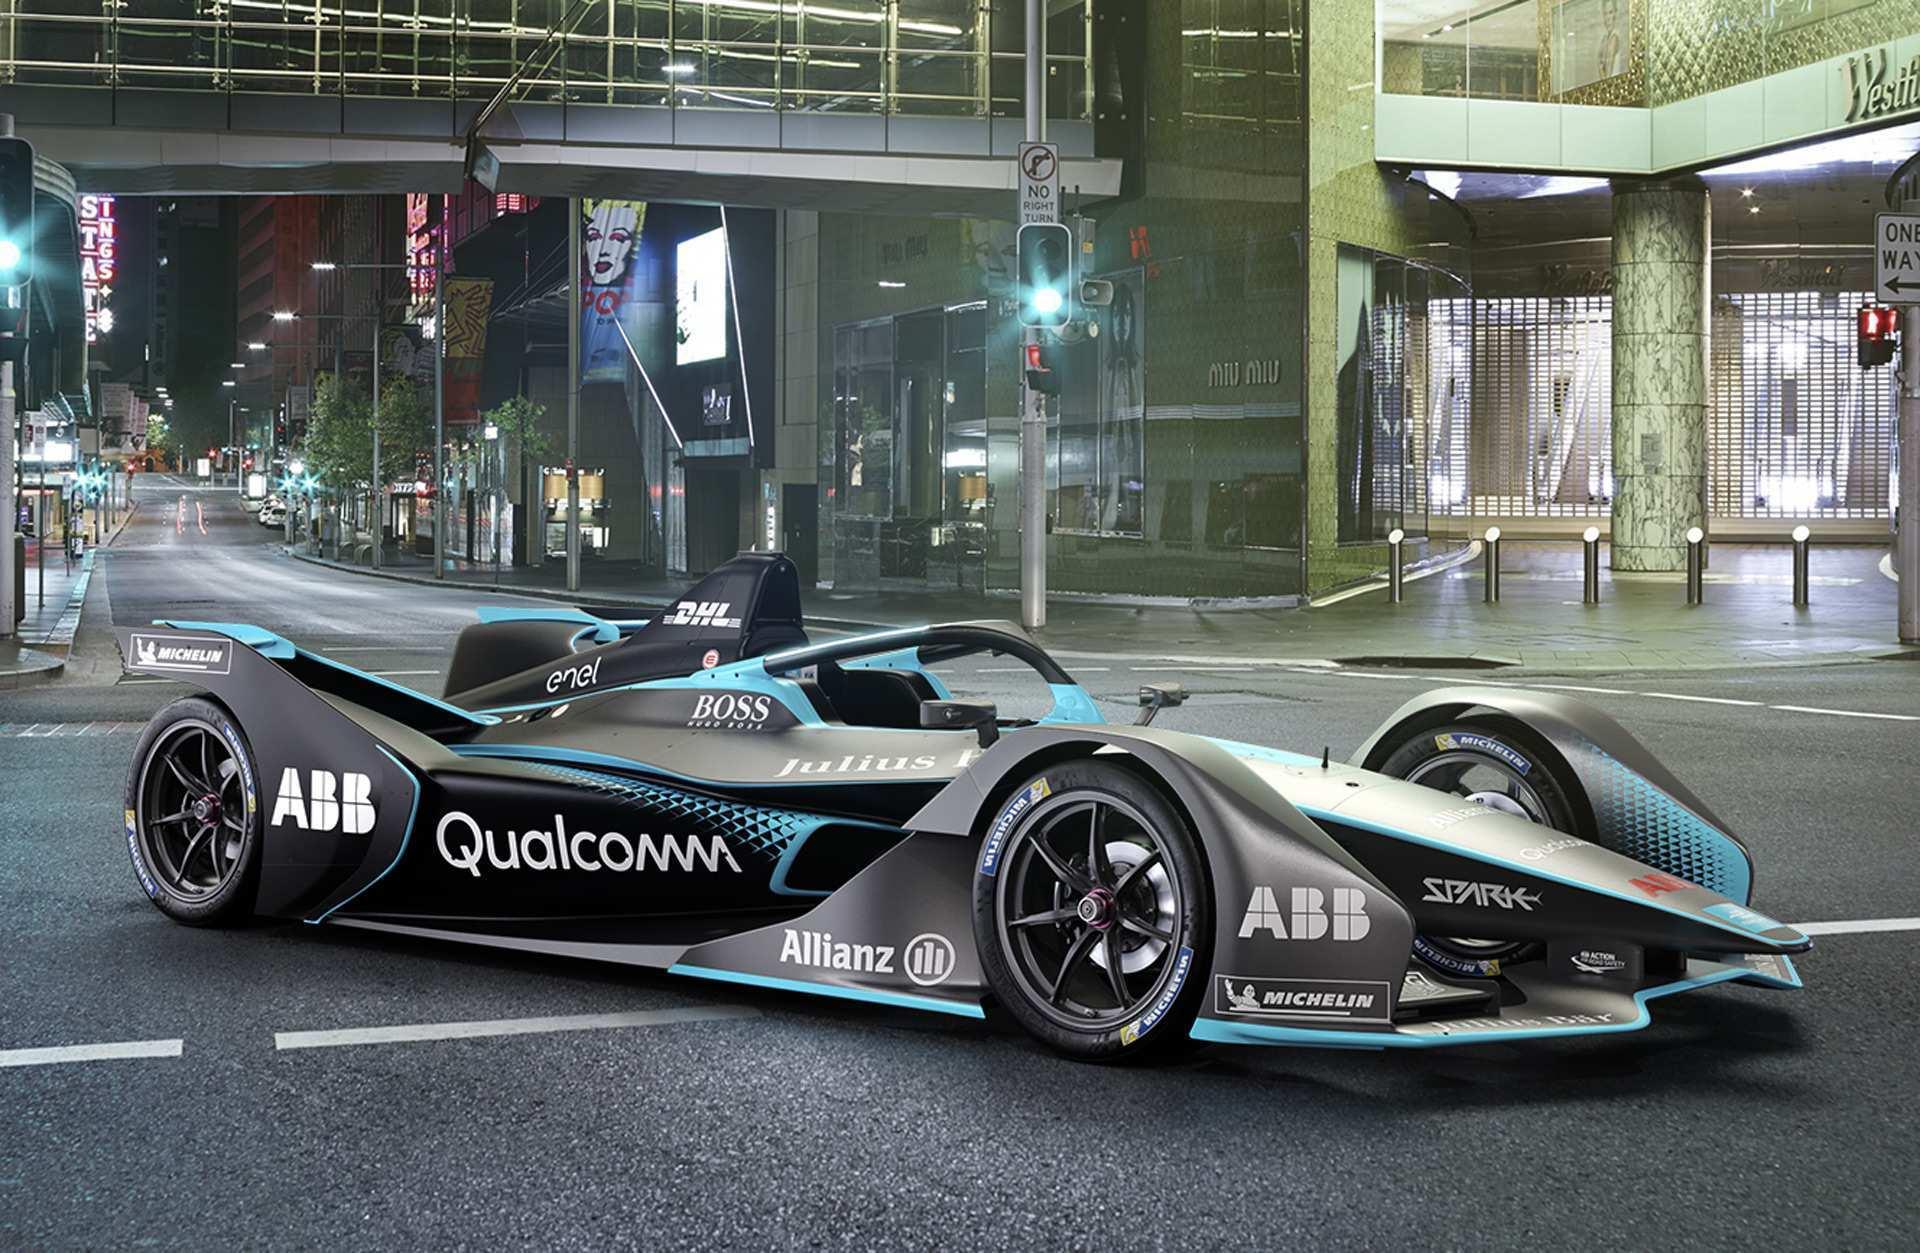 45 New Mercedes Formula E 2020 Prices for Mercedes Formula E 2020